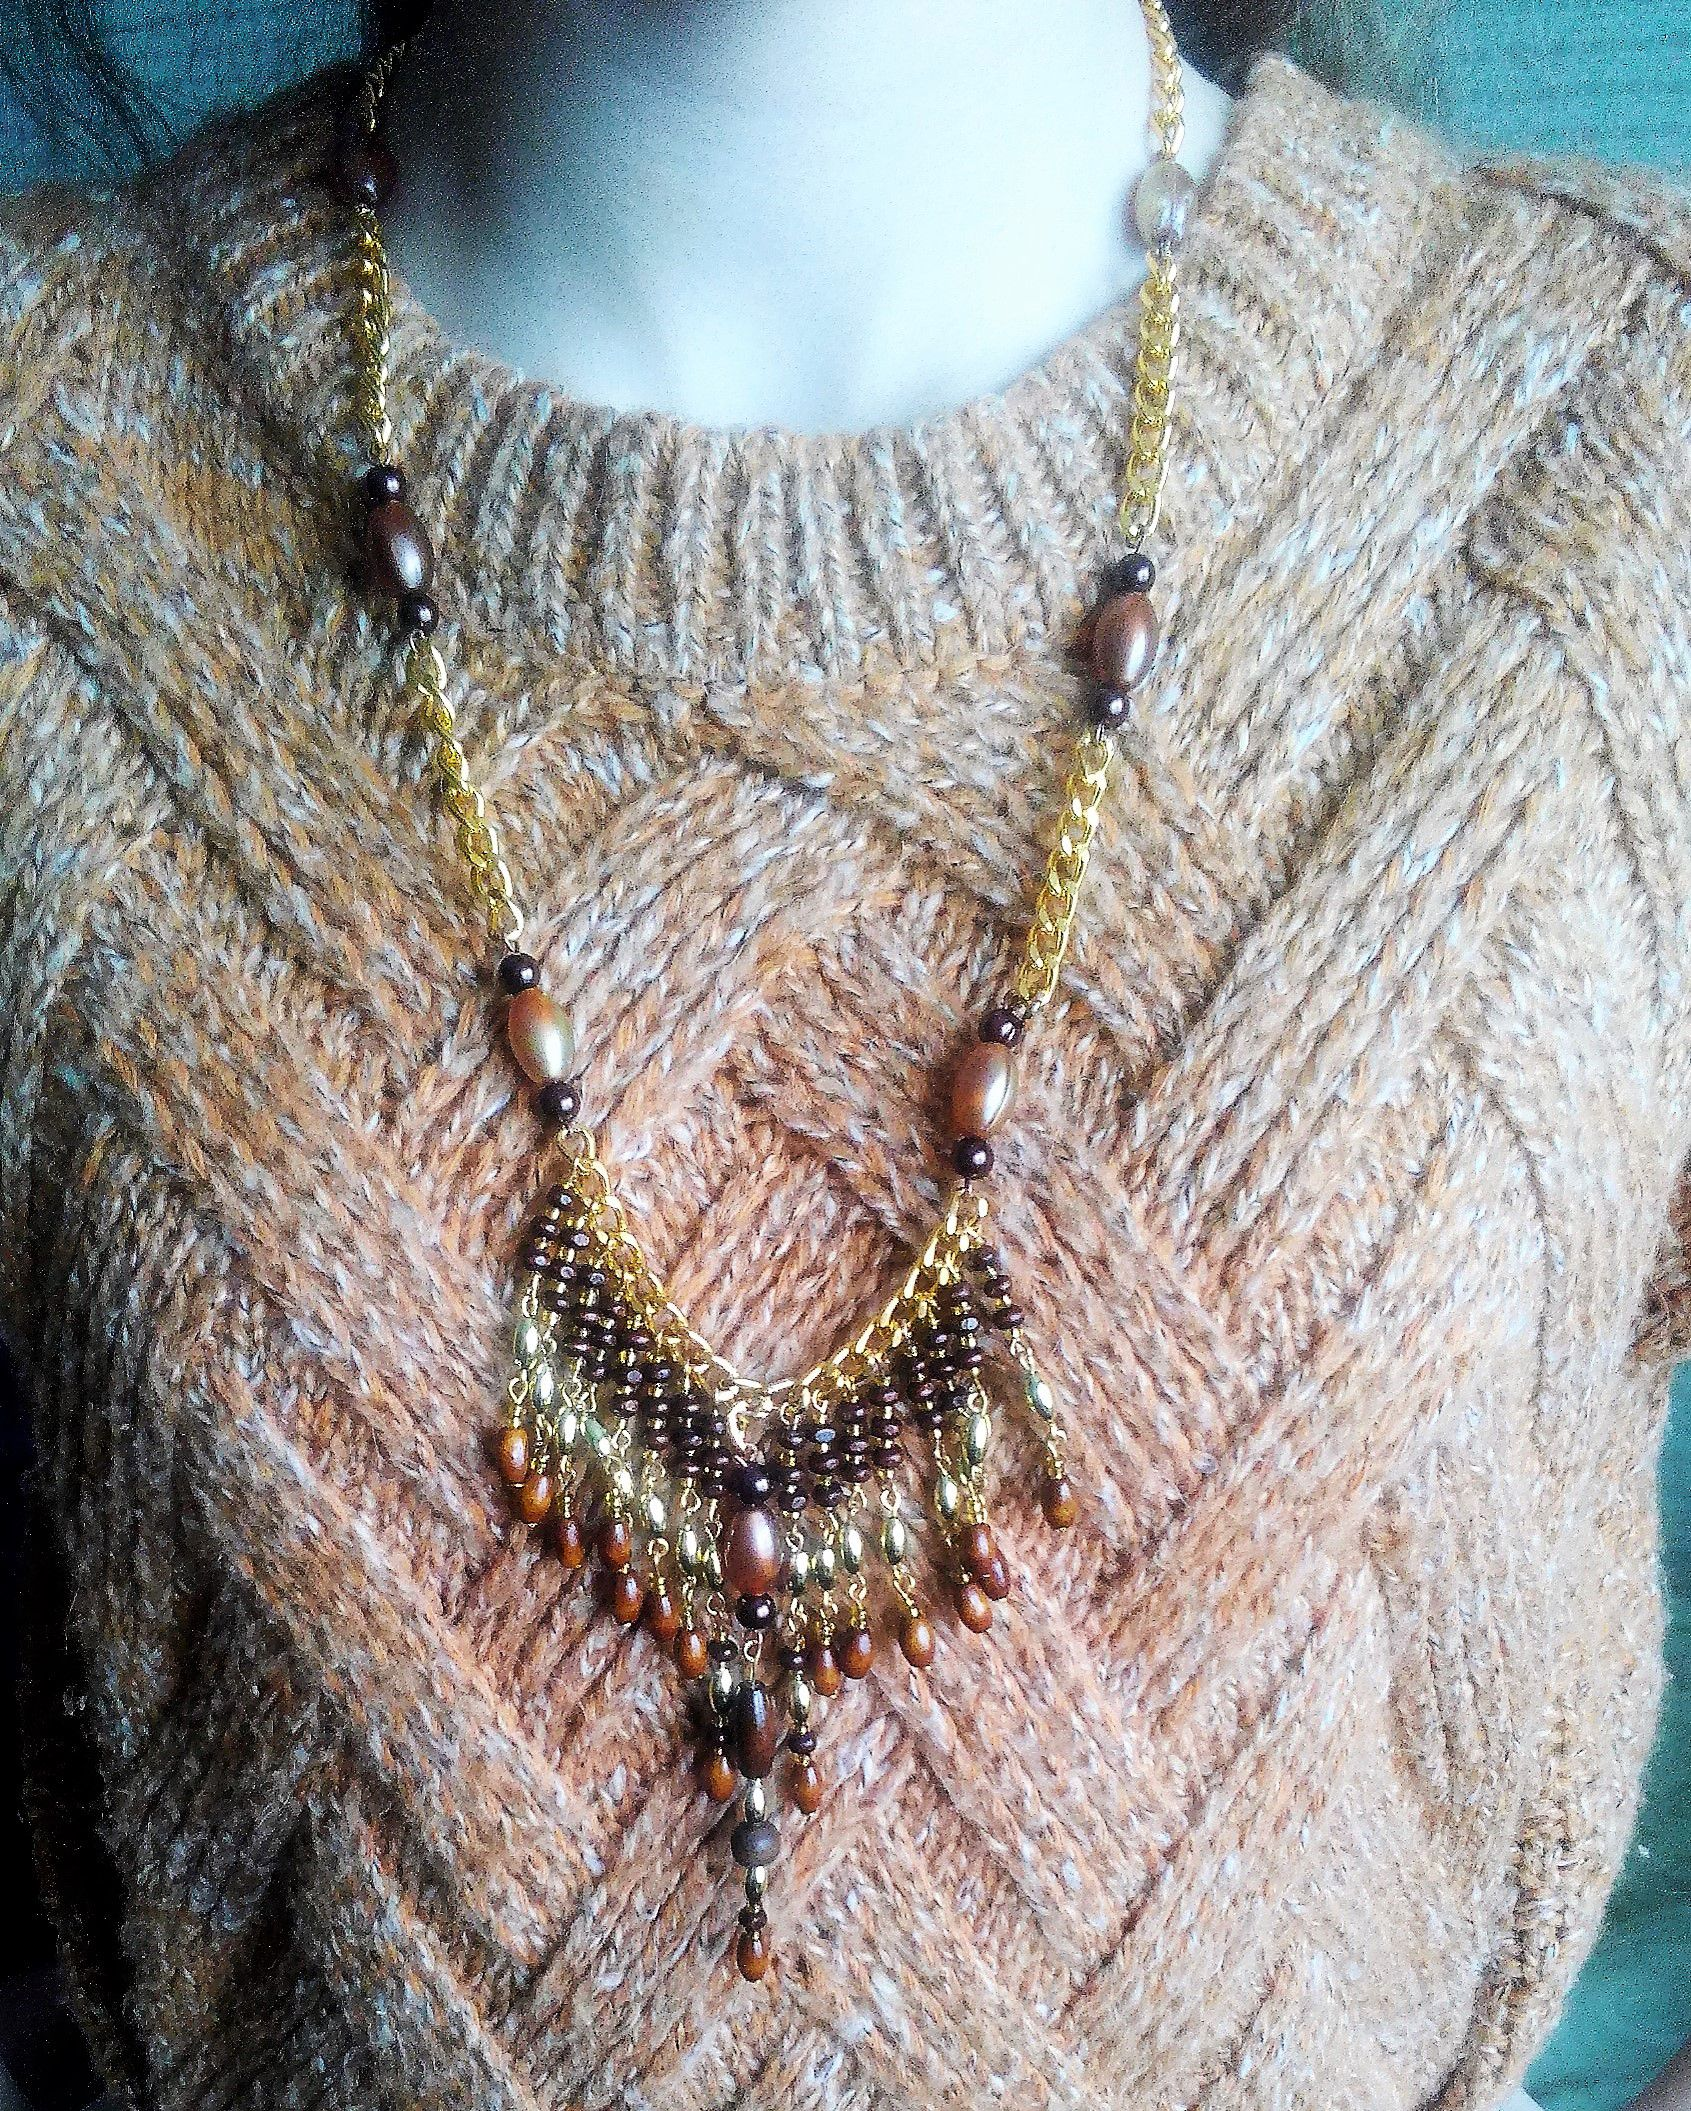 золотистое подарок девочке ожерелье коричневое девушке женщине